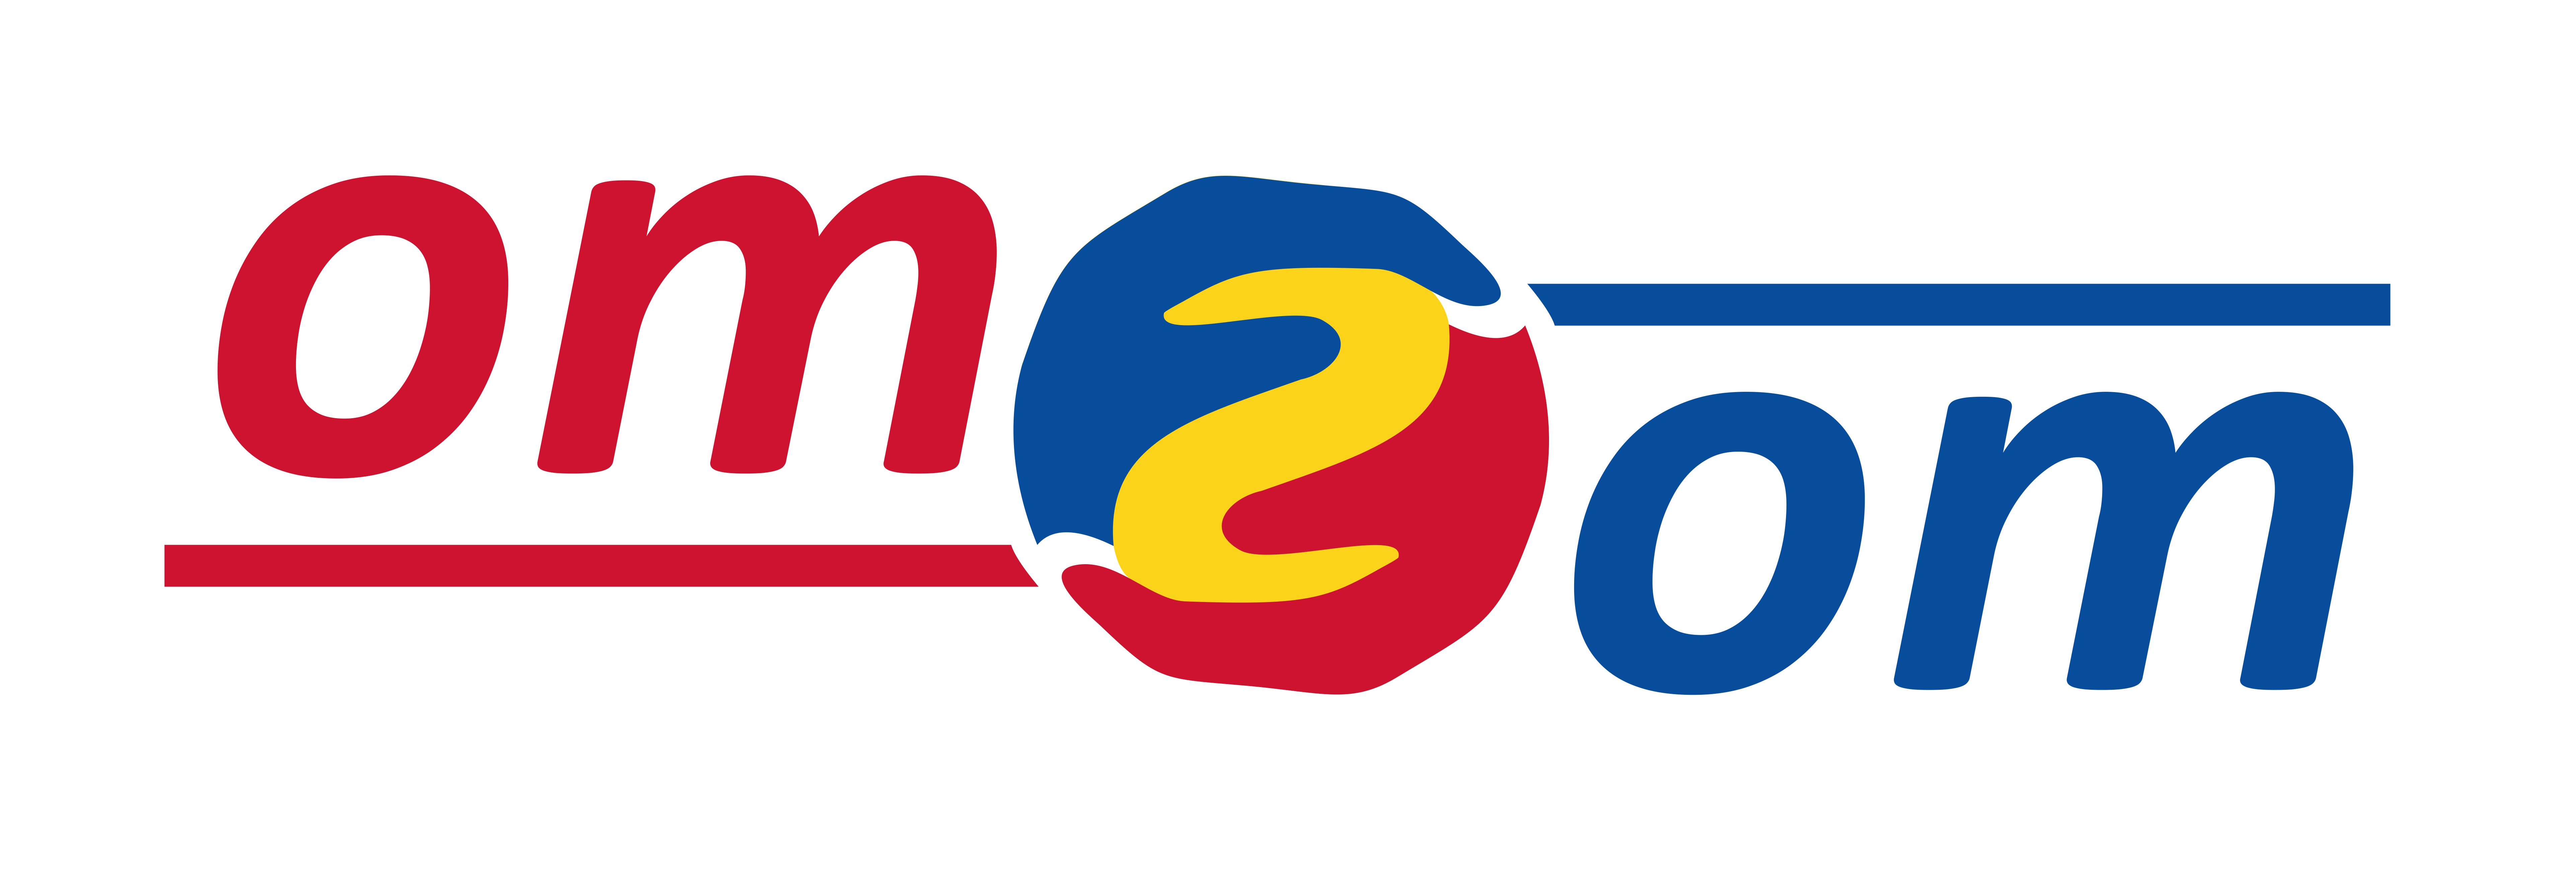 Разработка логотипа для краудфандинговой платформы om2om.md фото f_9635f5a93b3e9246.jpg